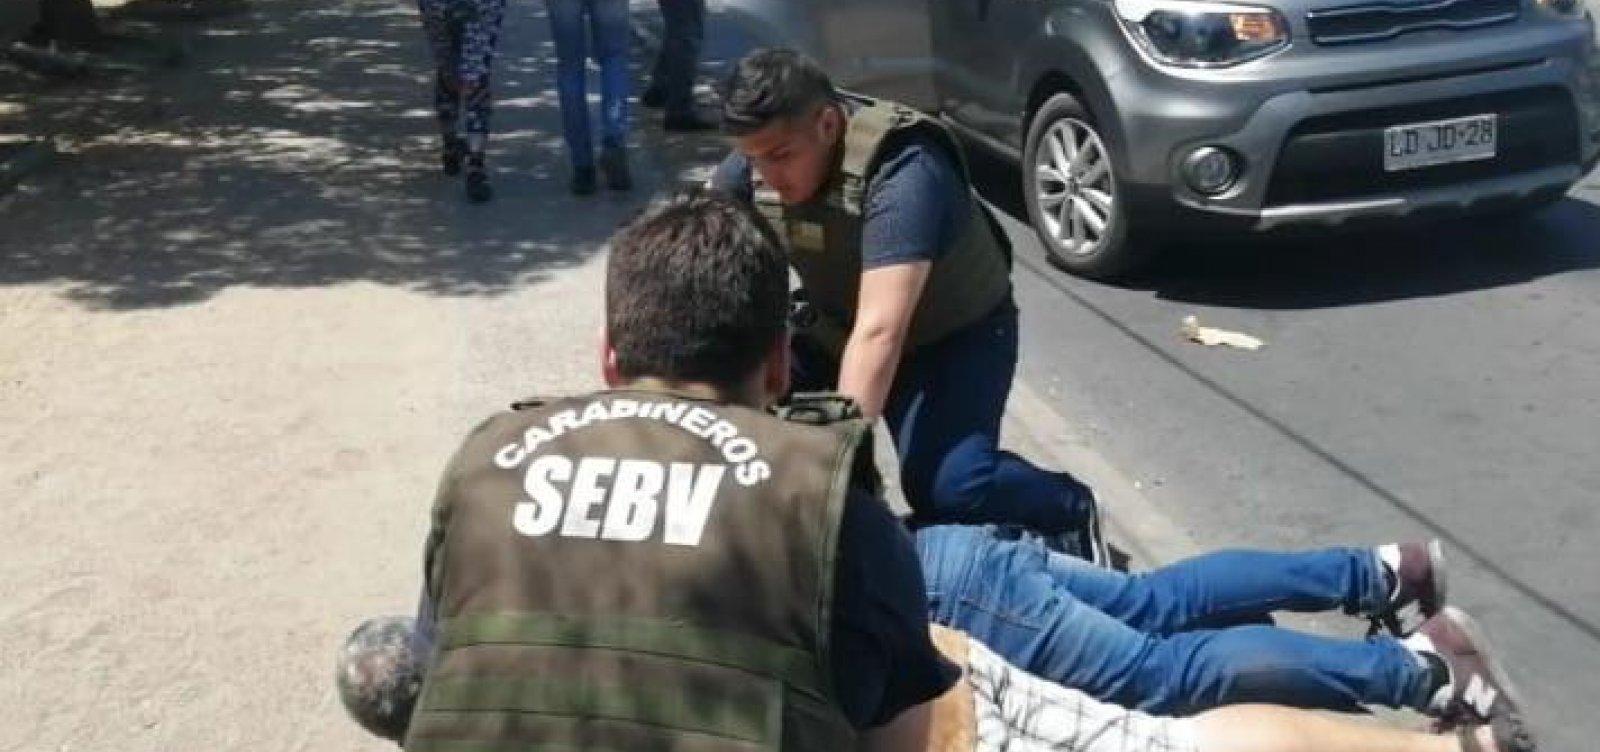 Justiça do Chile investiga policiais que 'crucificaram' manifestantes em antena